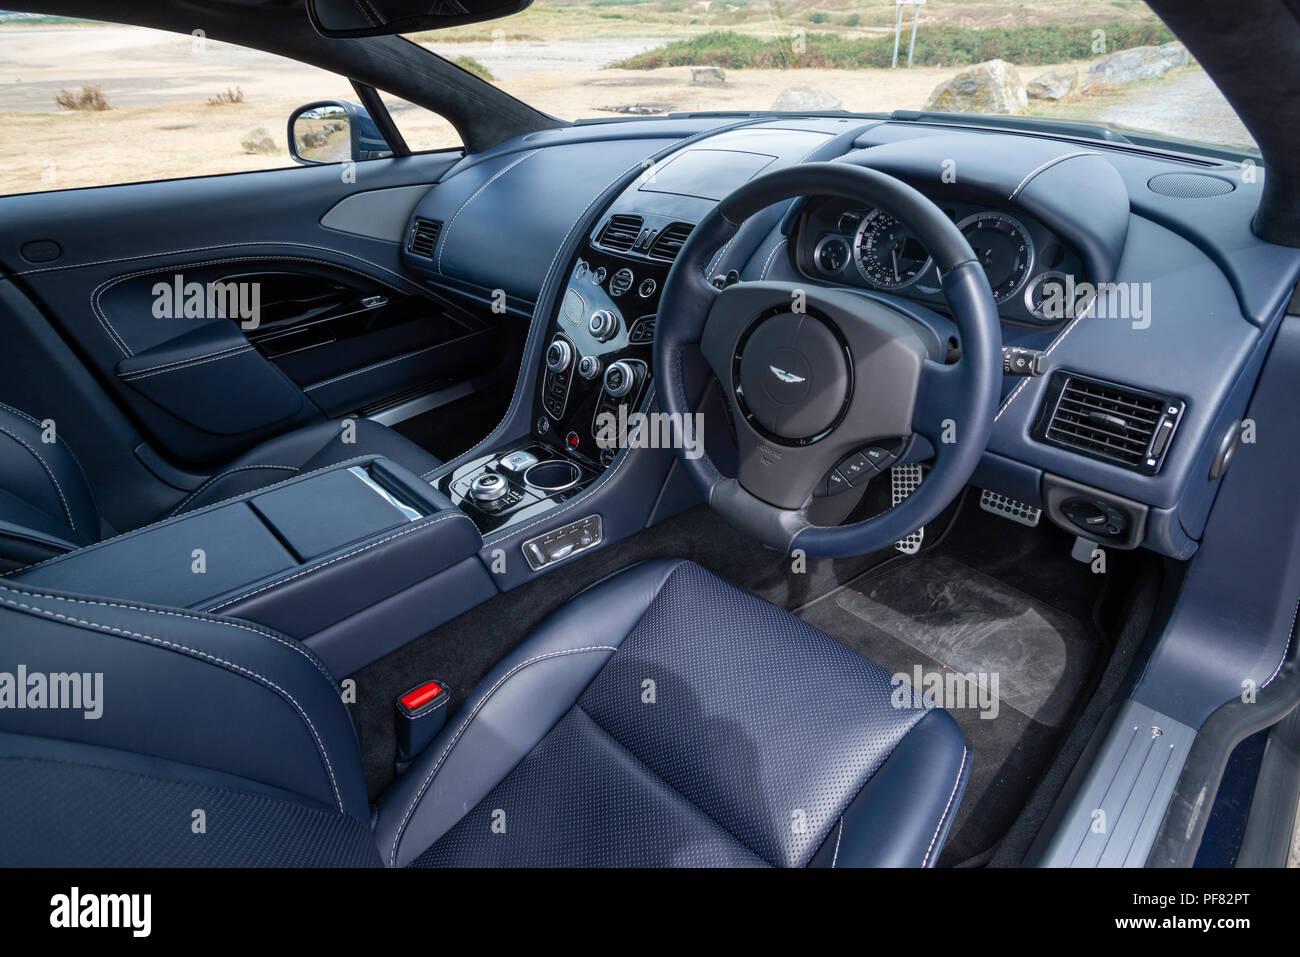 Der Innenraum Eines Aston Martin Rapide S Sport Limousine Mit Vier Türen In Das Tal Von Glamorgan Fotografiert Stockfotografie Alamy